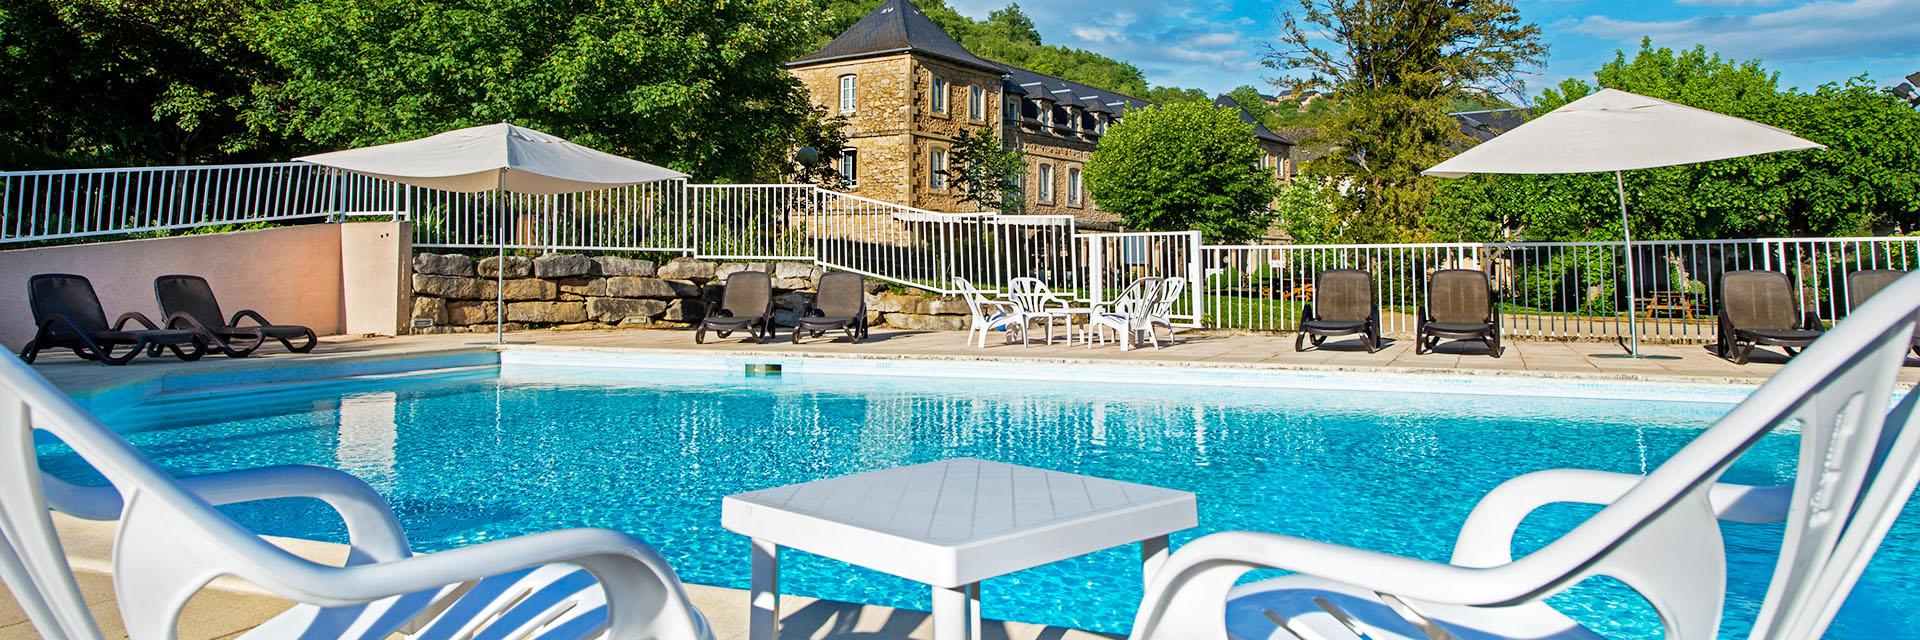 Village_club_vacances_aveyron-cantal-et-ardèche-oustal-piscine